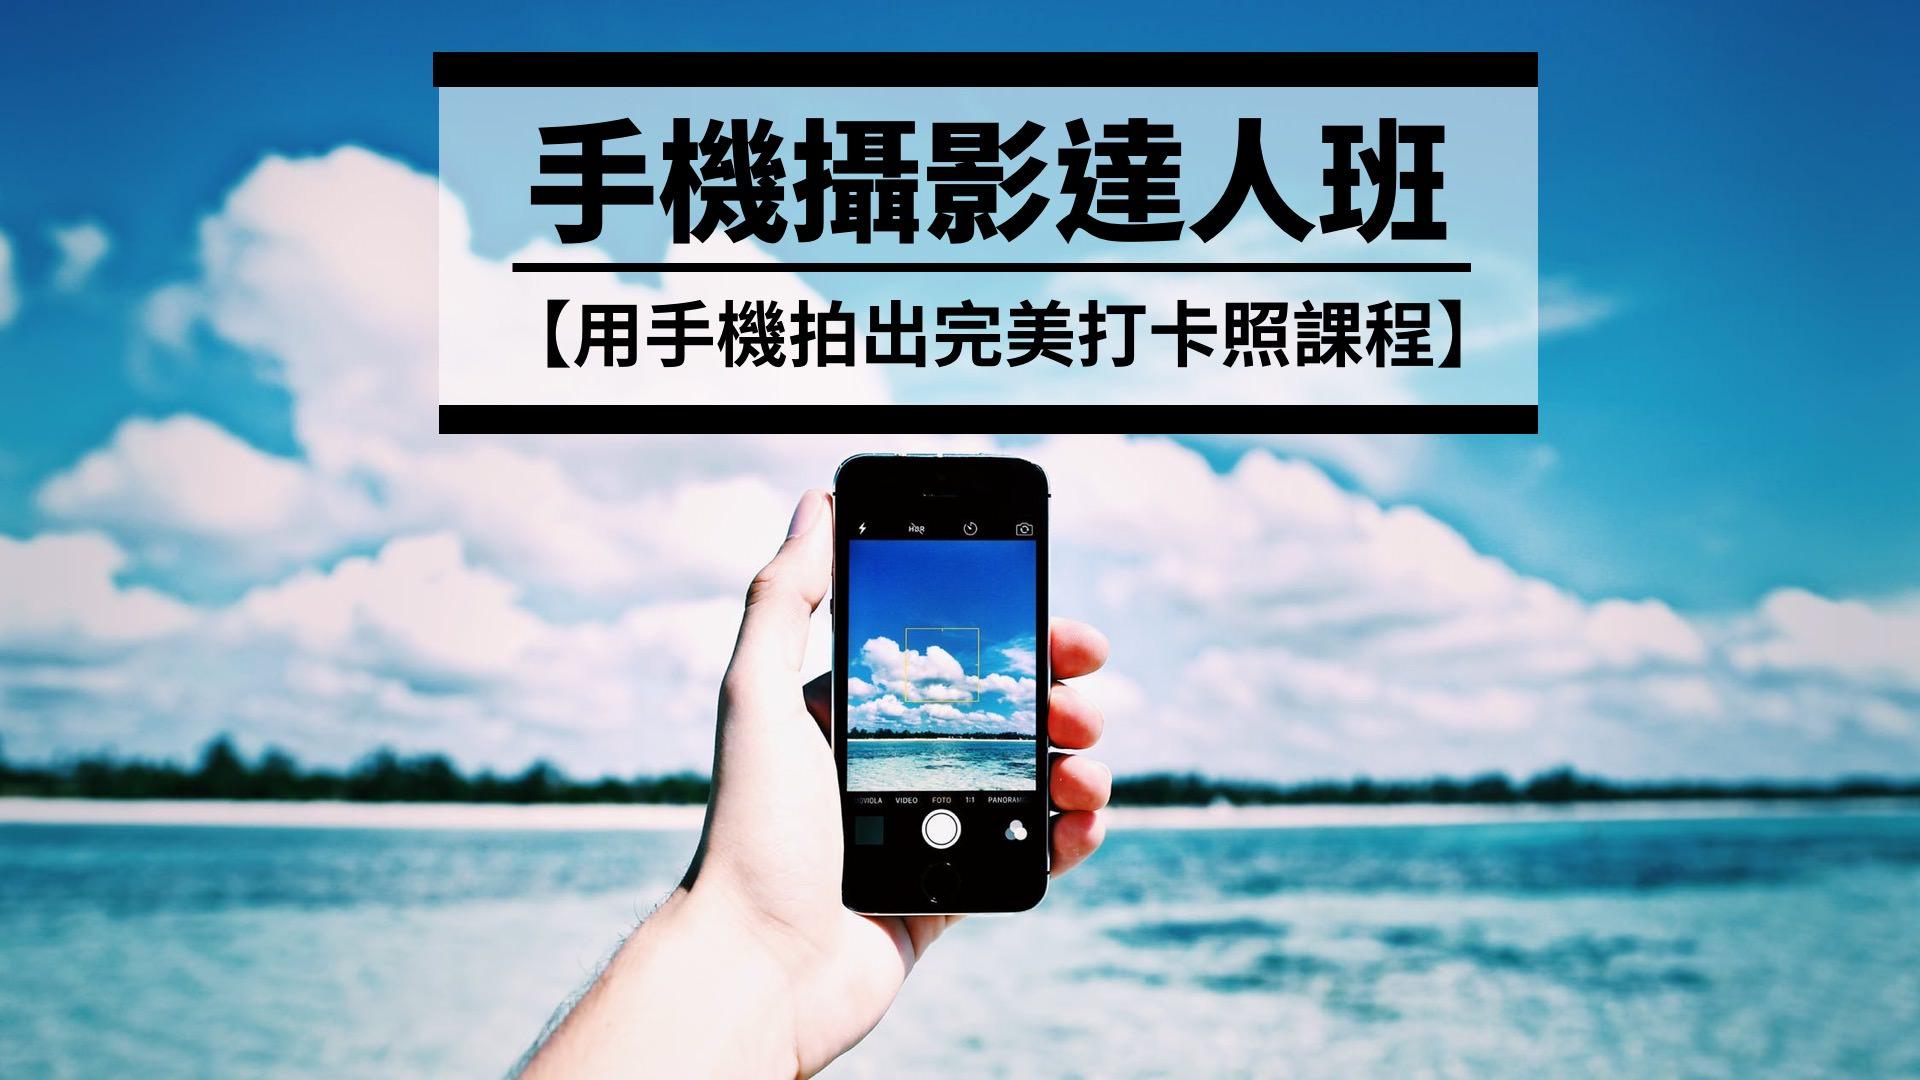 手機攝影公開實體課程報名/線上課程